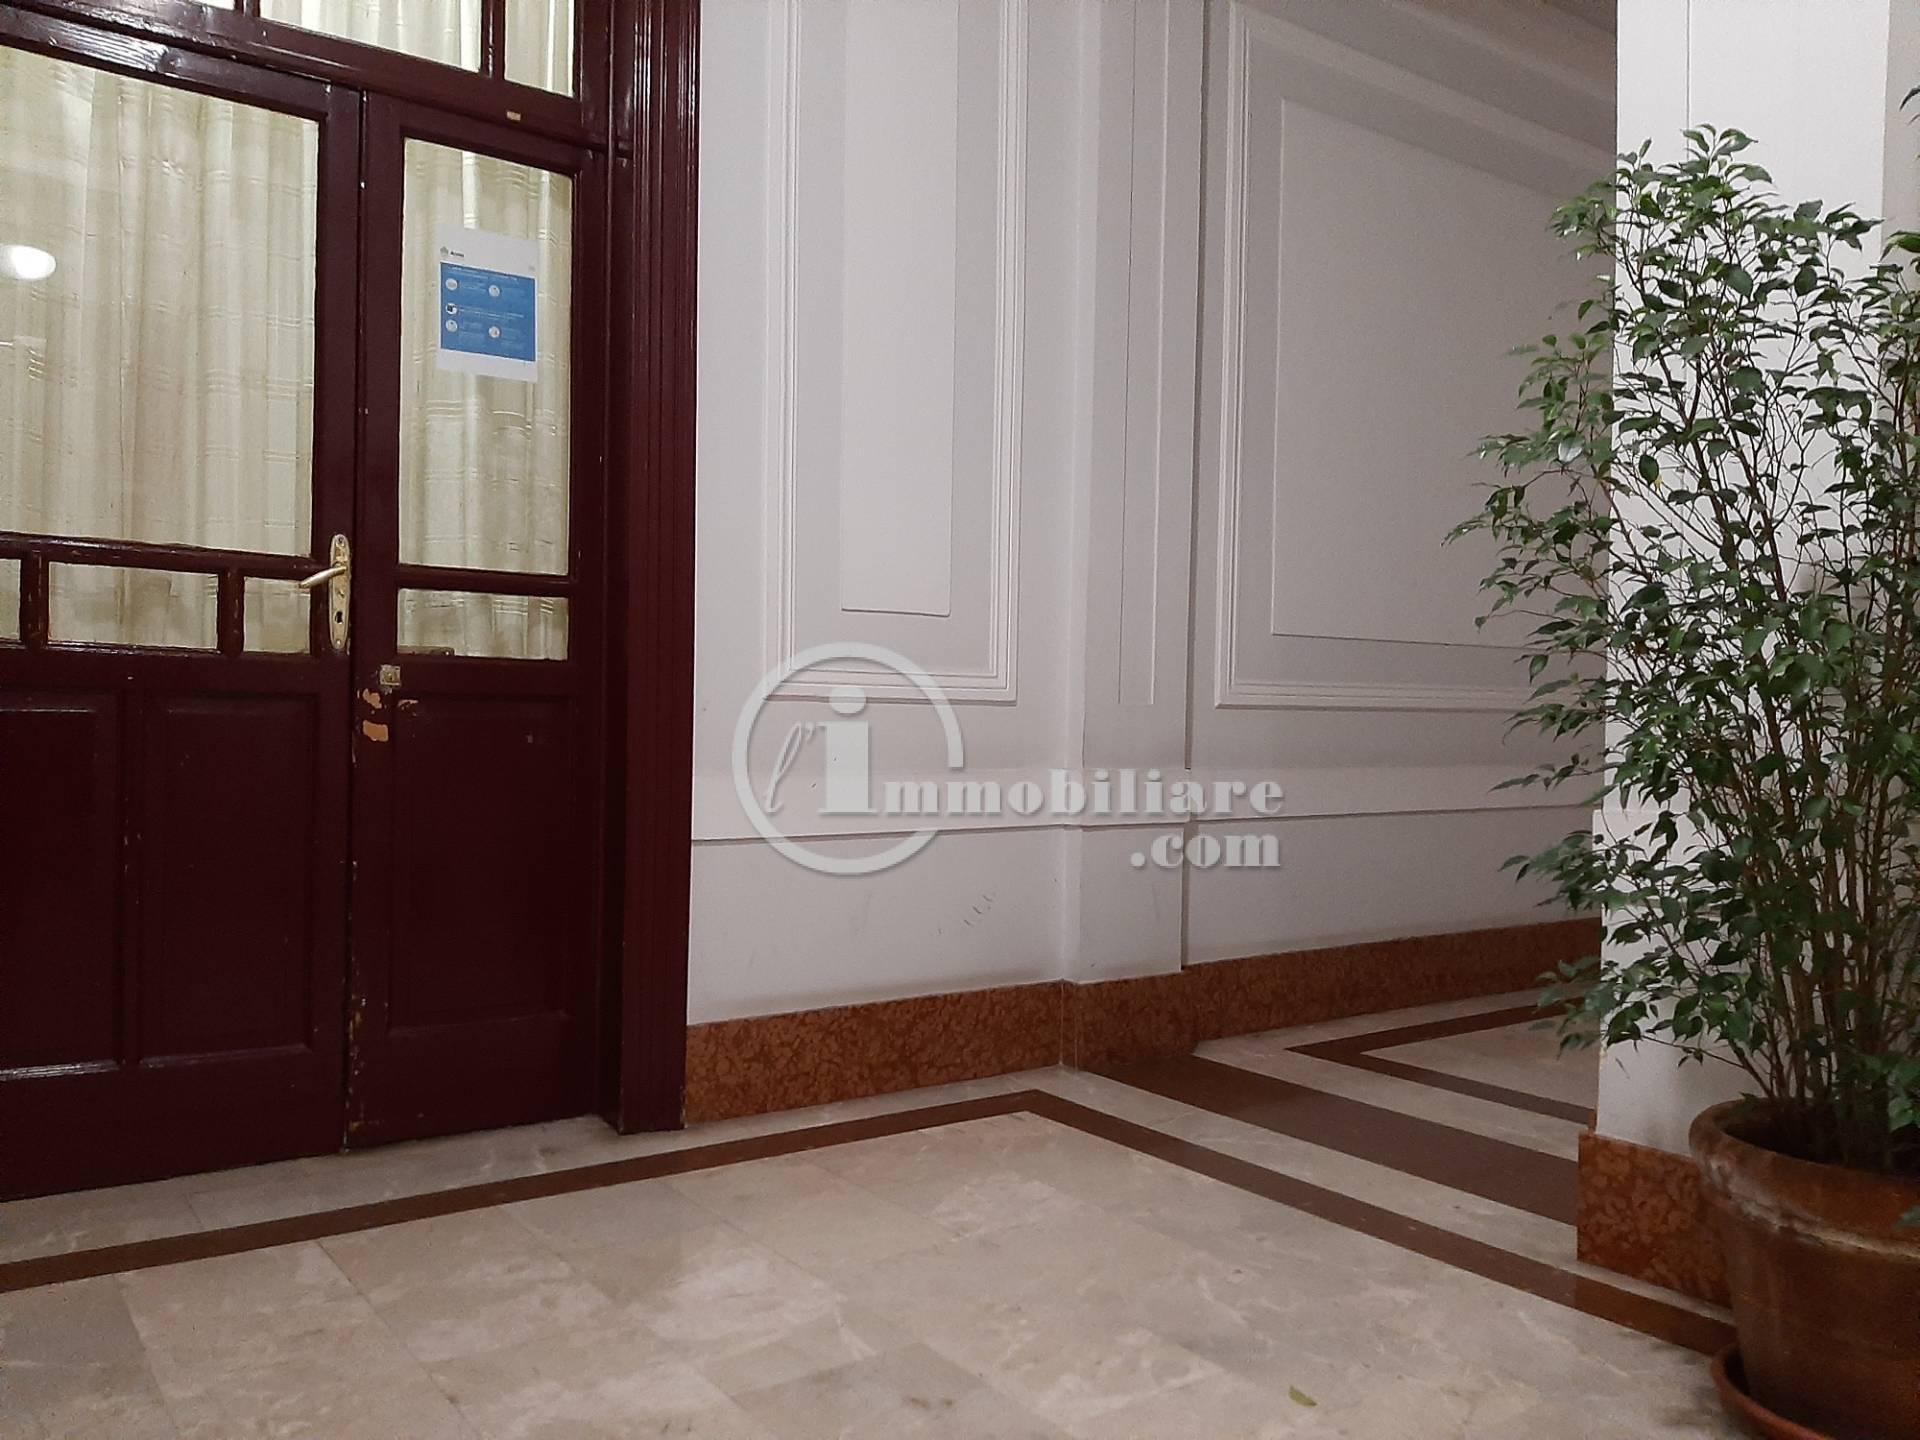 Appartamento in Vendita a Milano: 3 locali, 110 mq - Foto 29